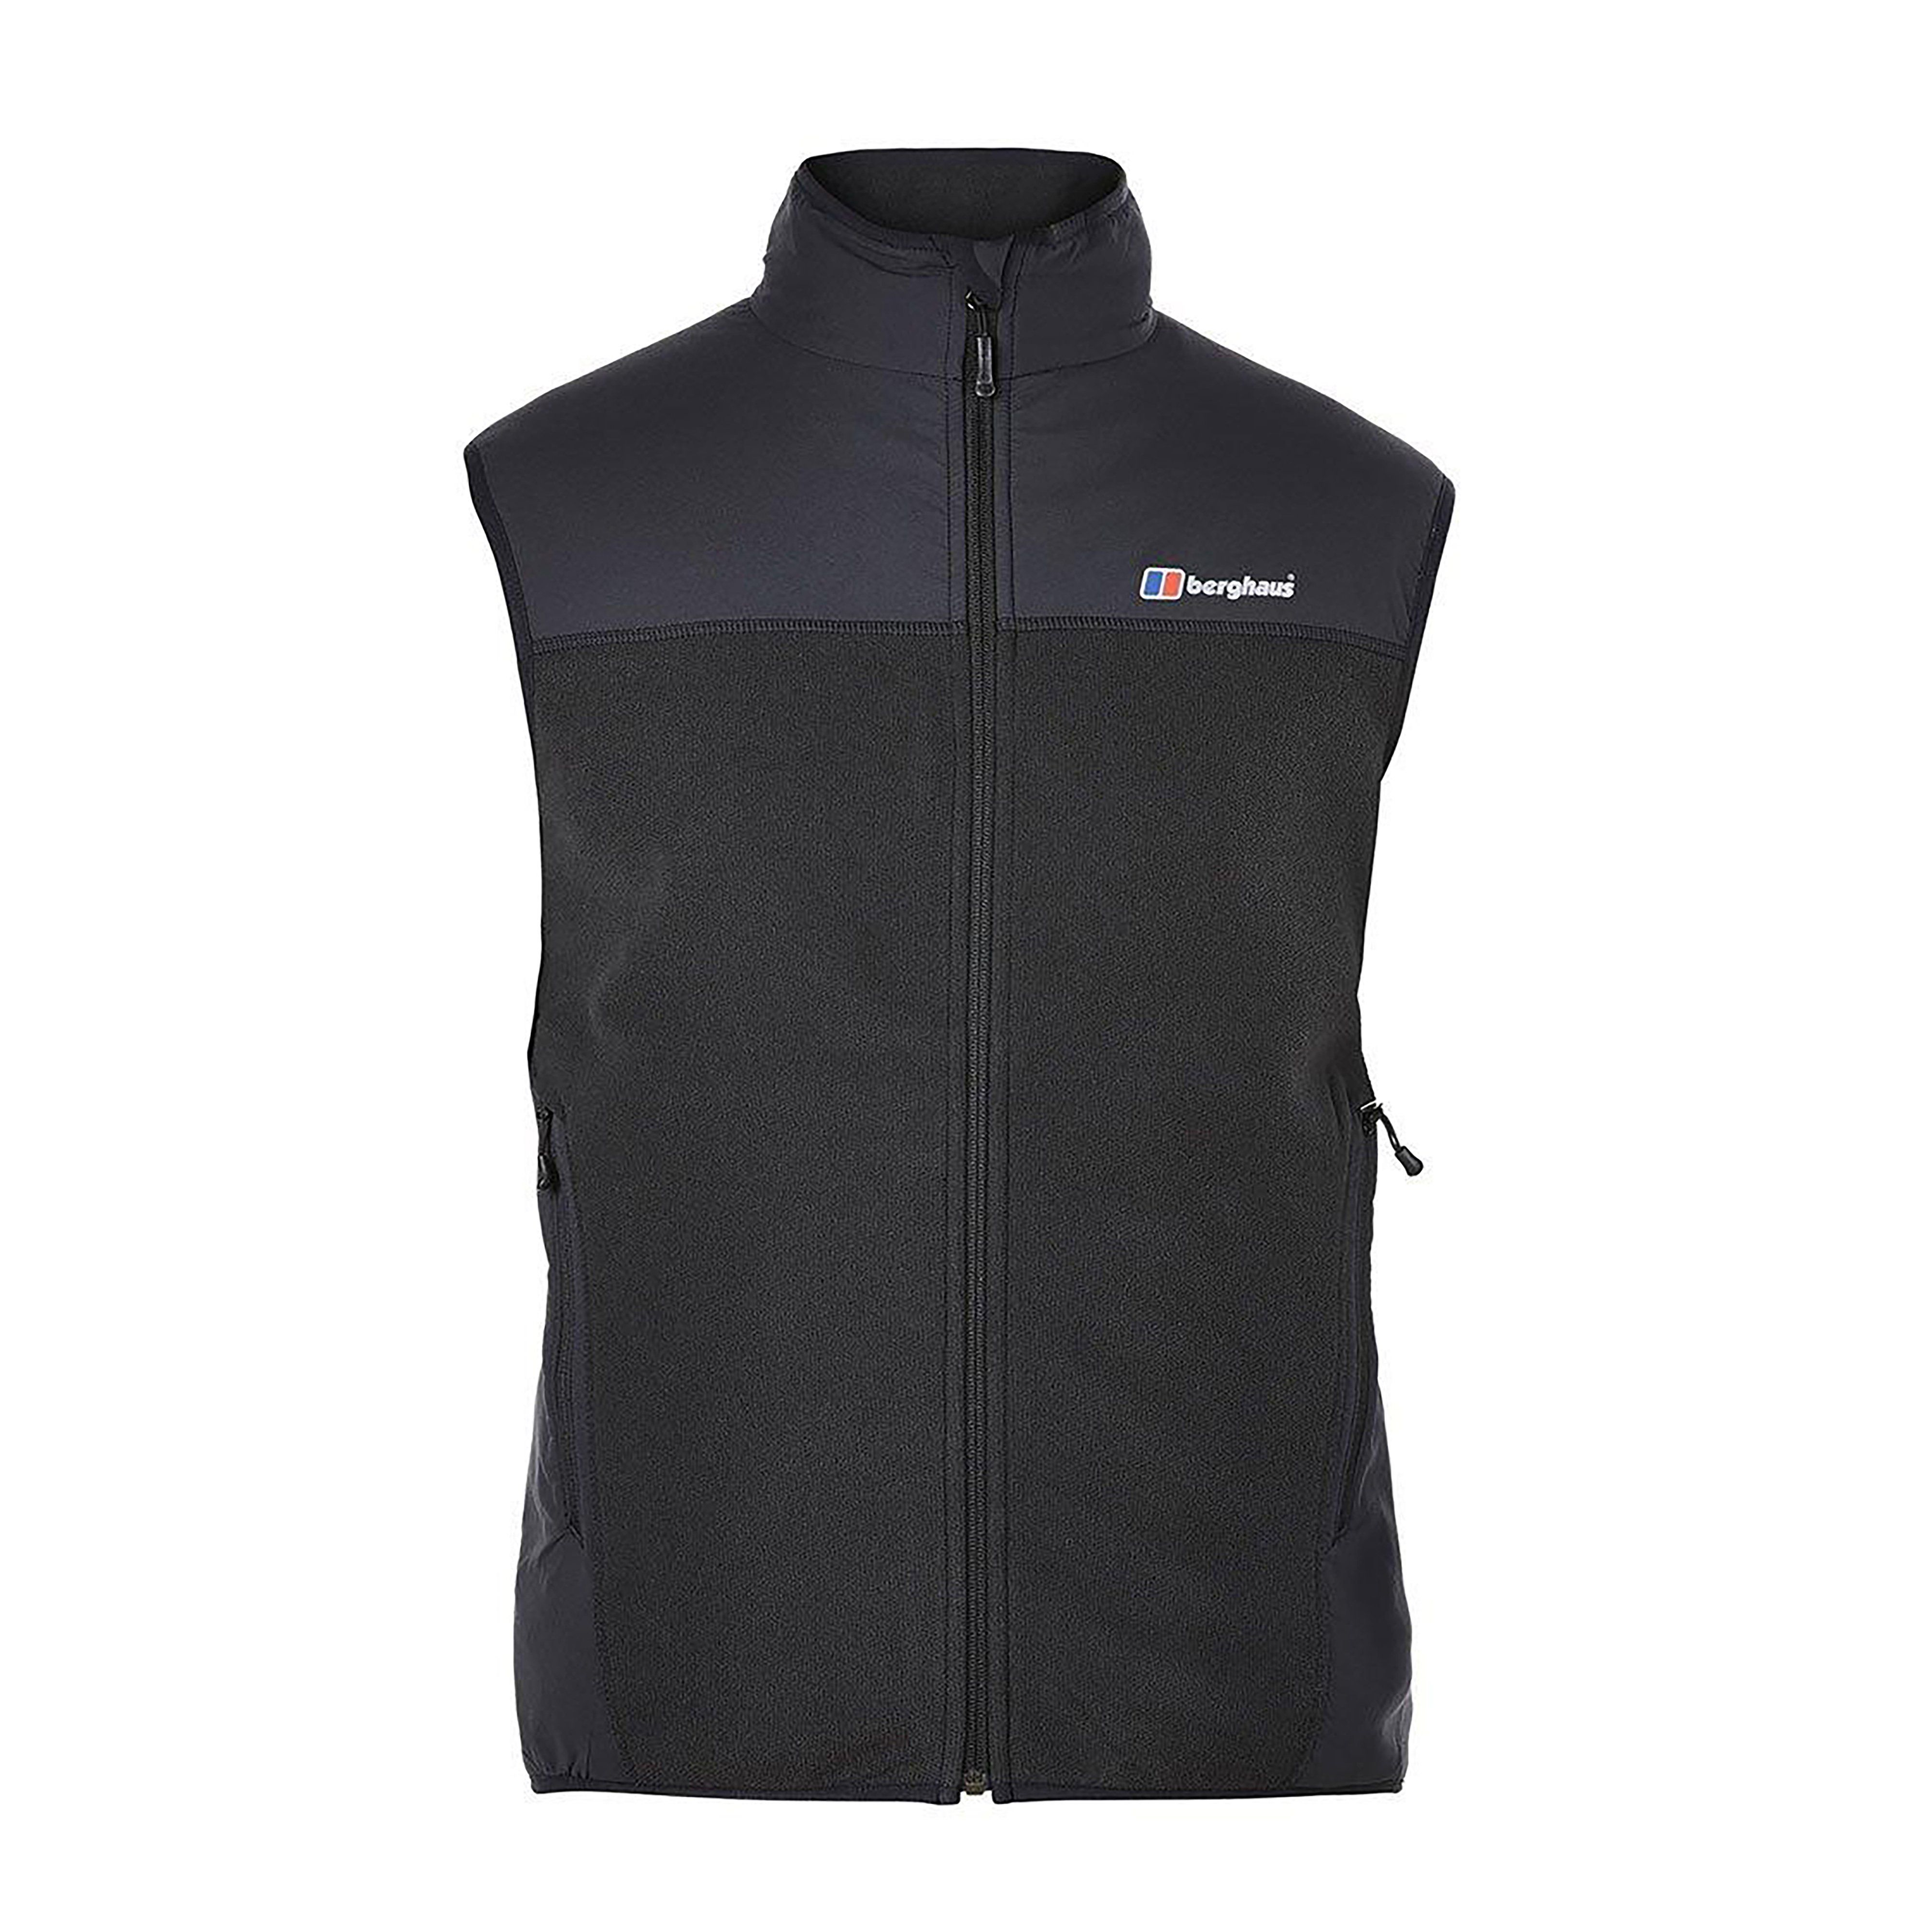 BERGHAUS Men's Fortrose Pro Fleece Vest